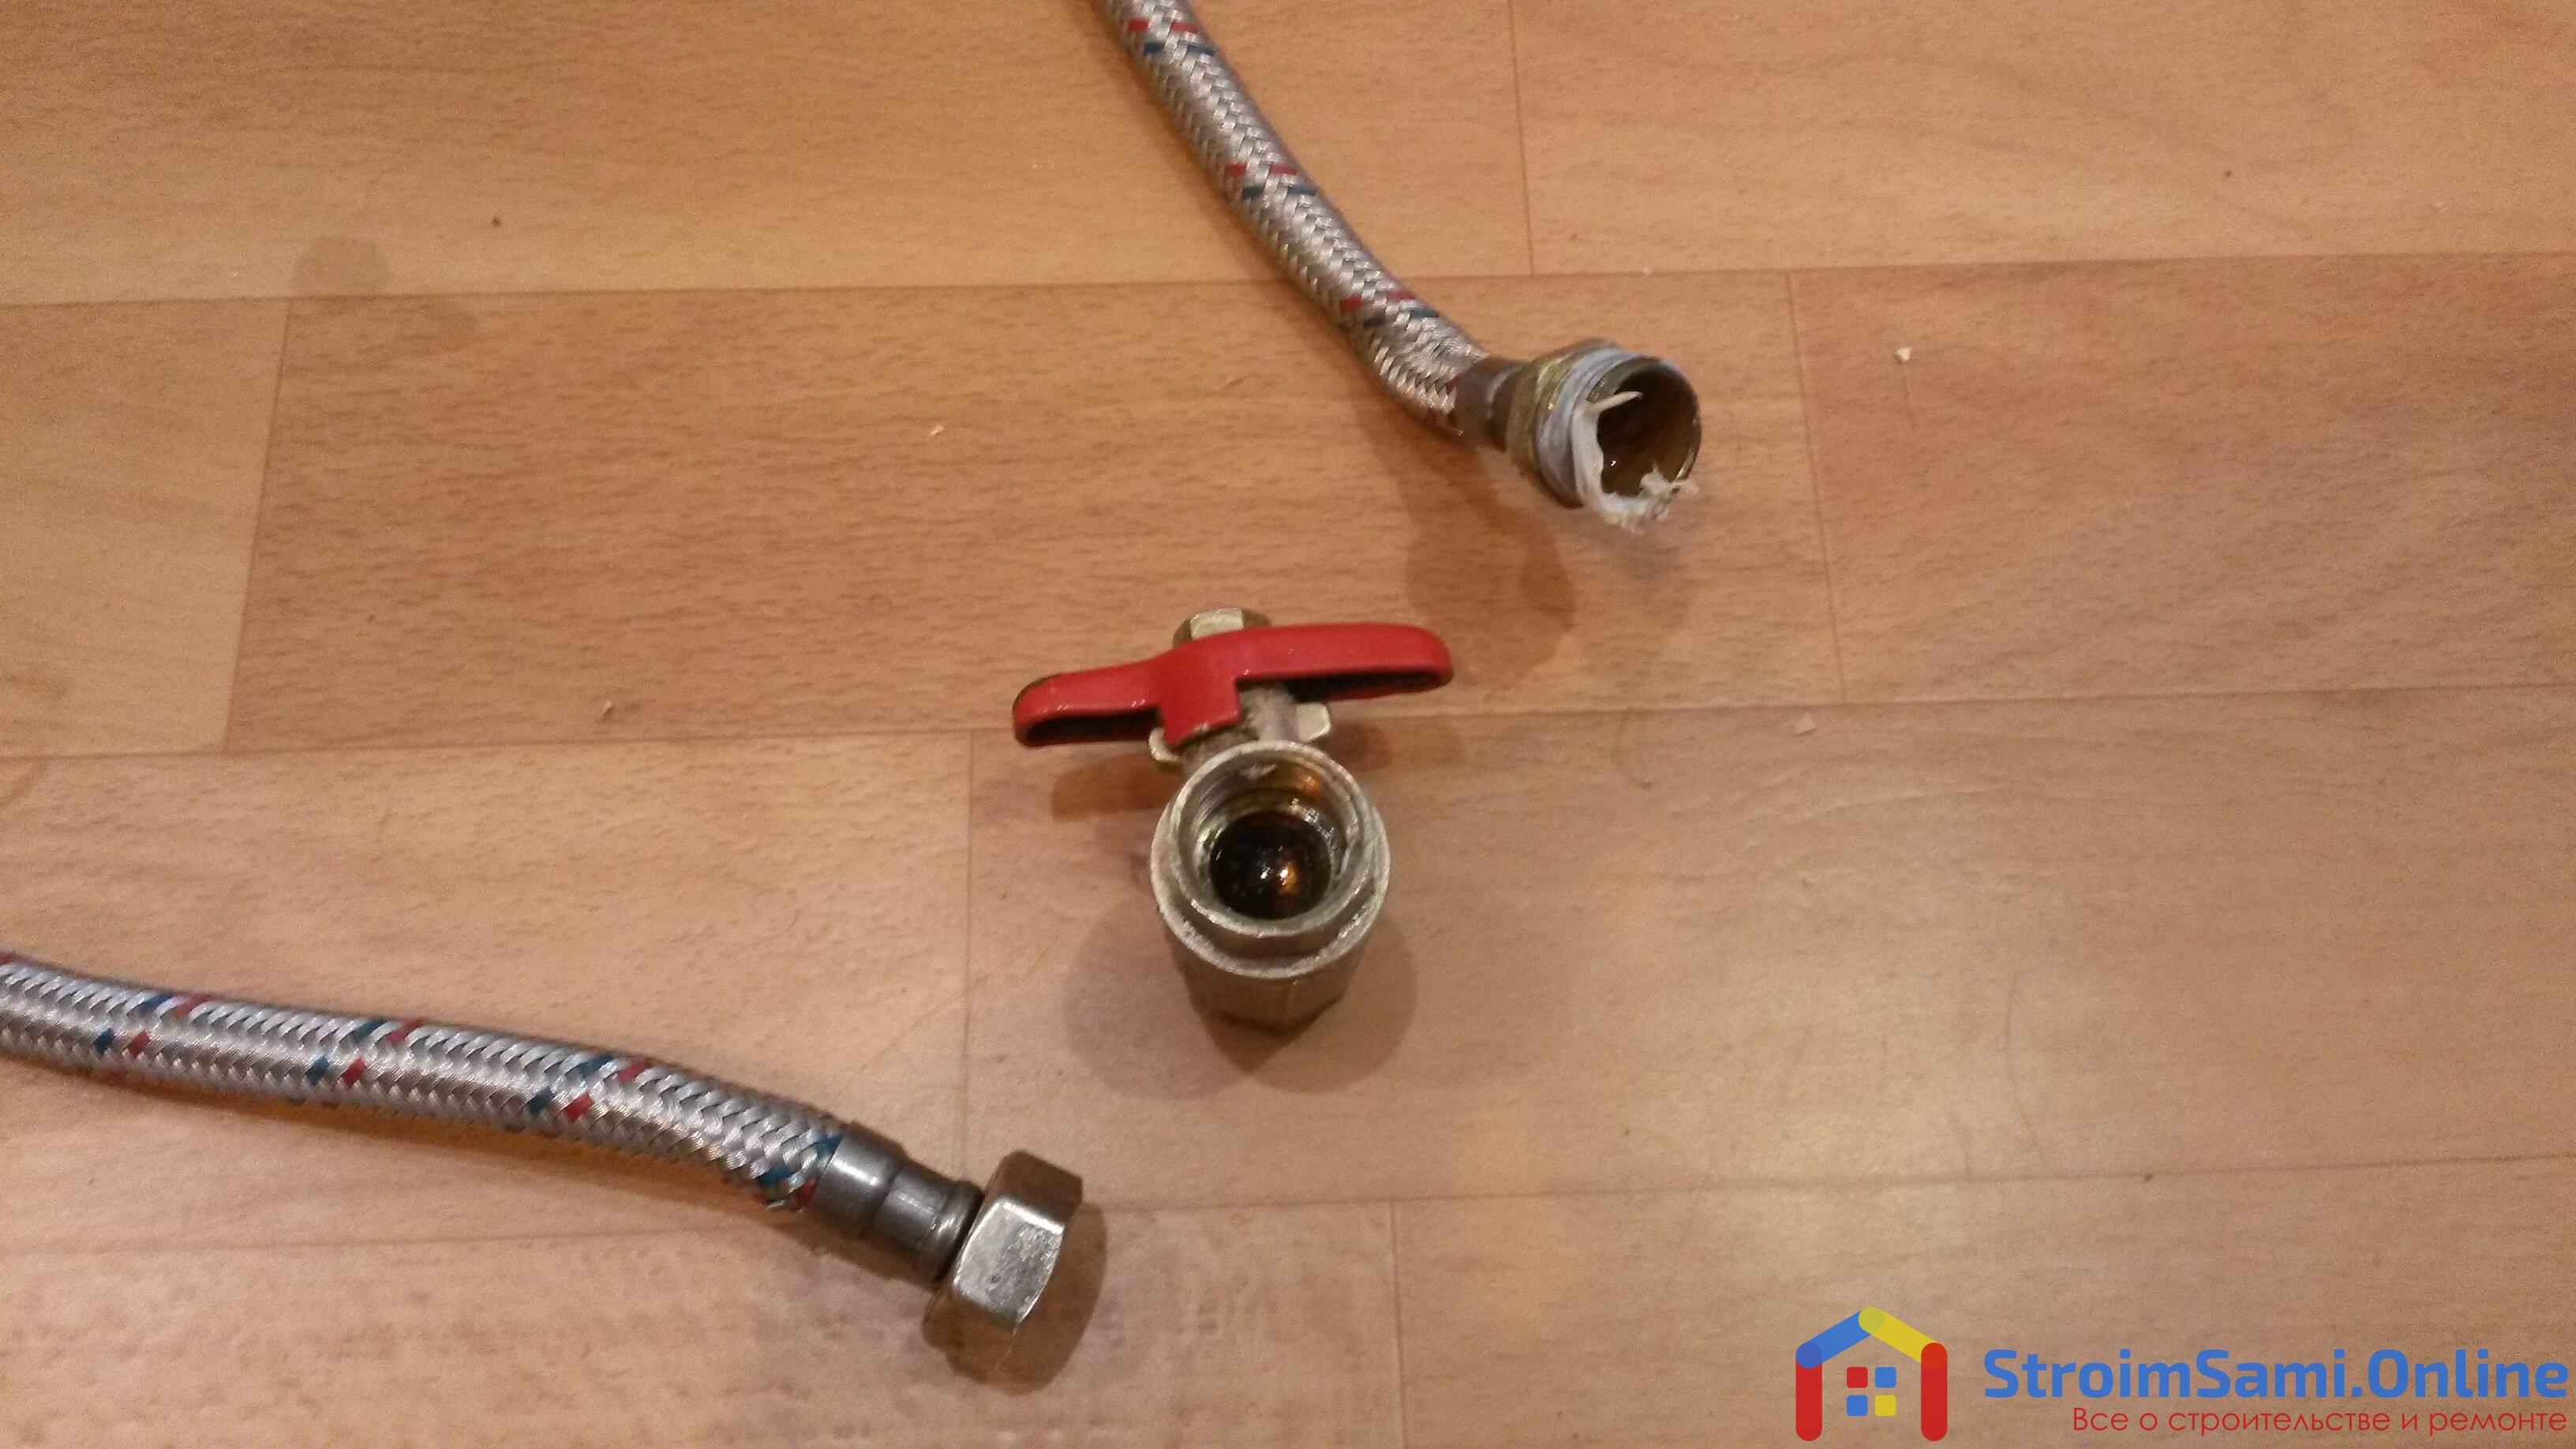 Замена перекрывающего крана и гибкой подводки к сливному бачку унитаза